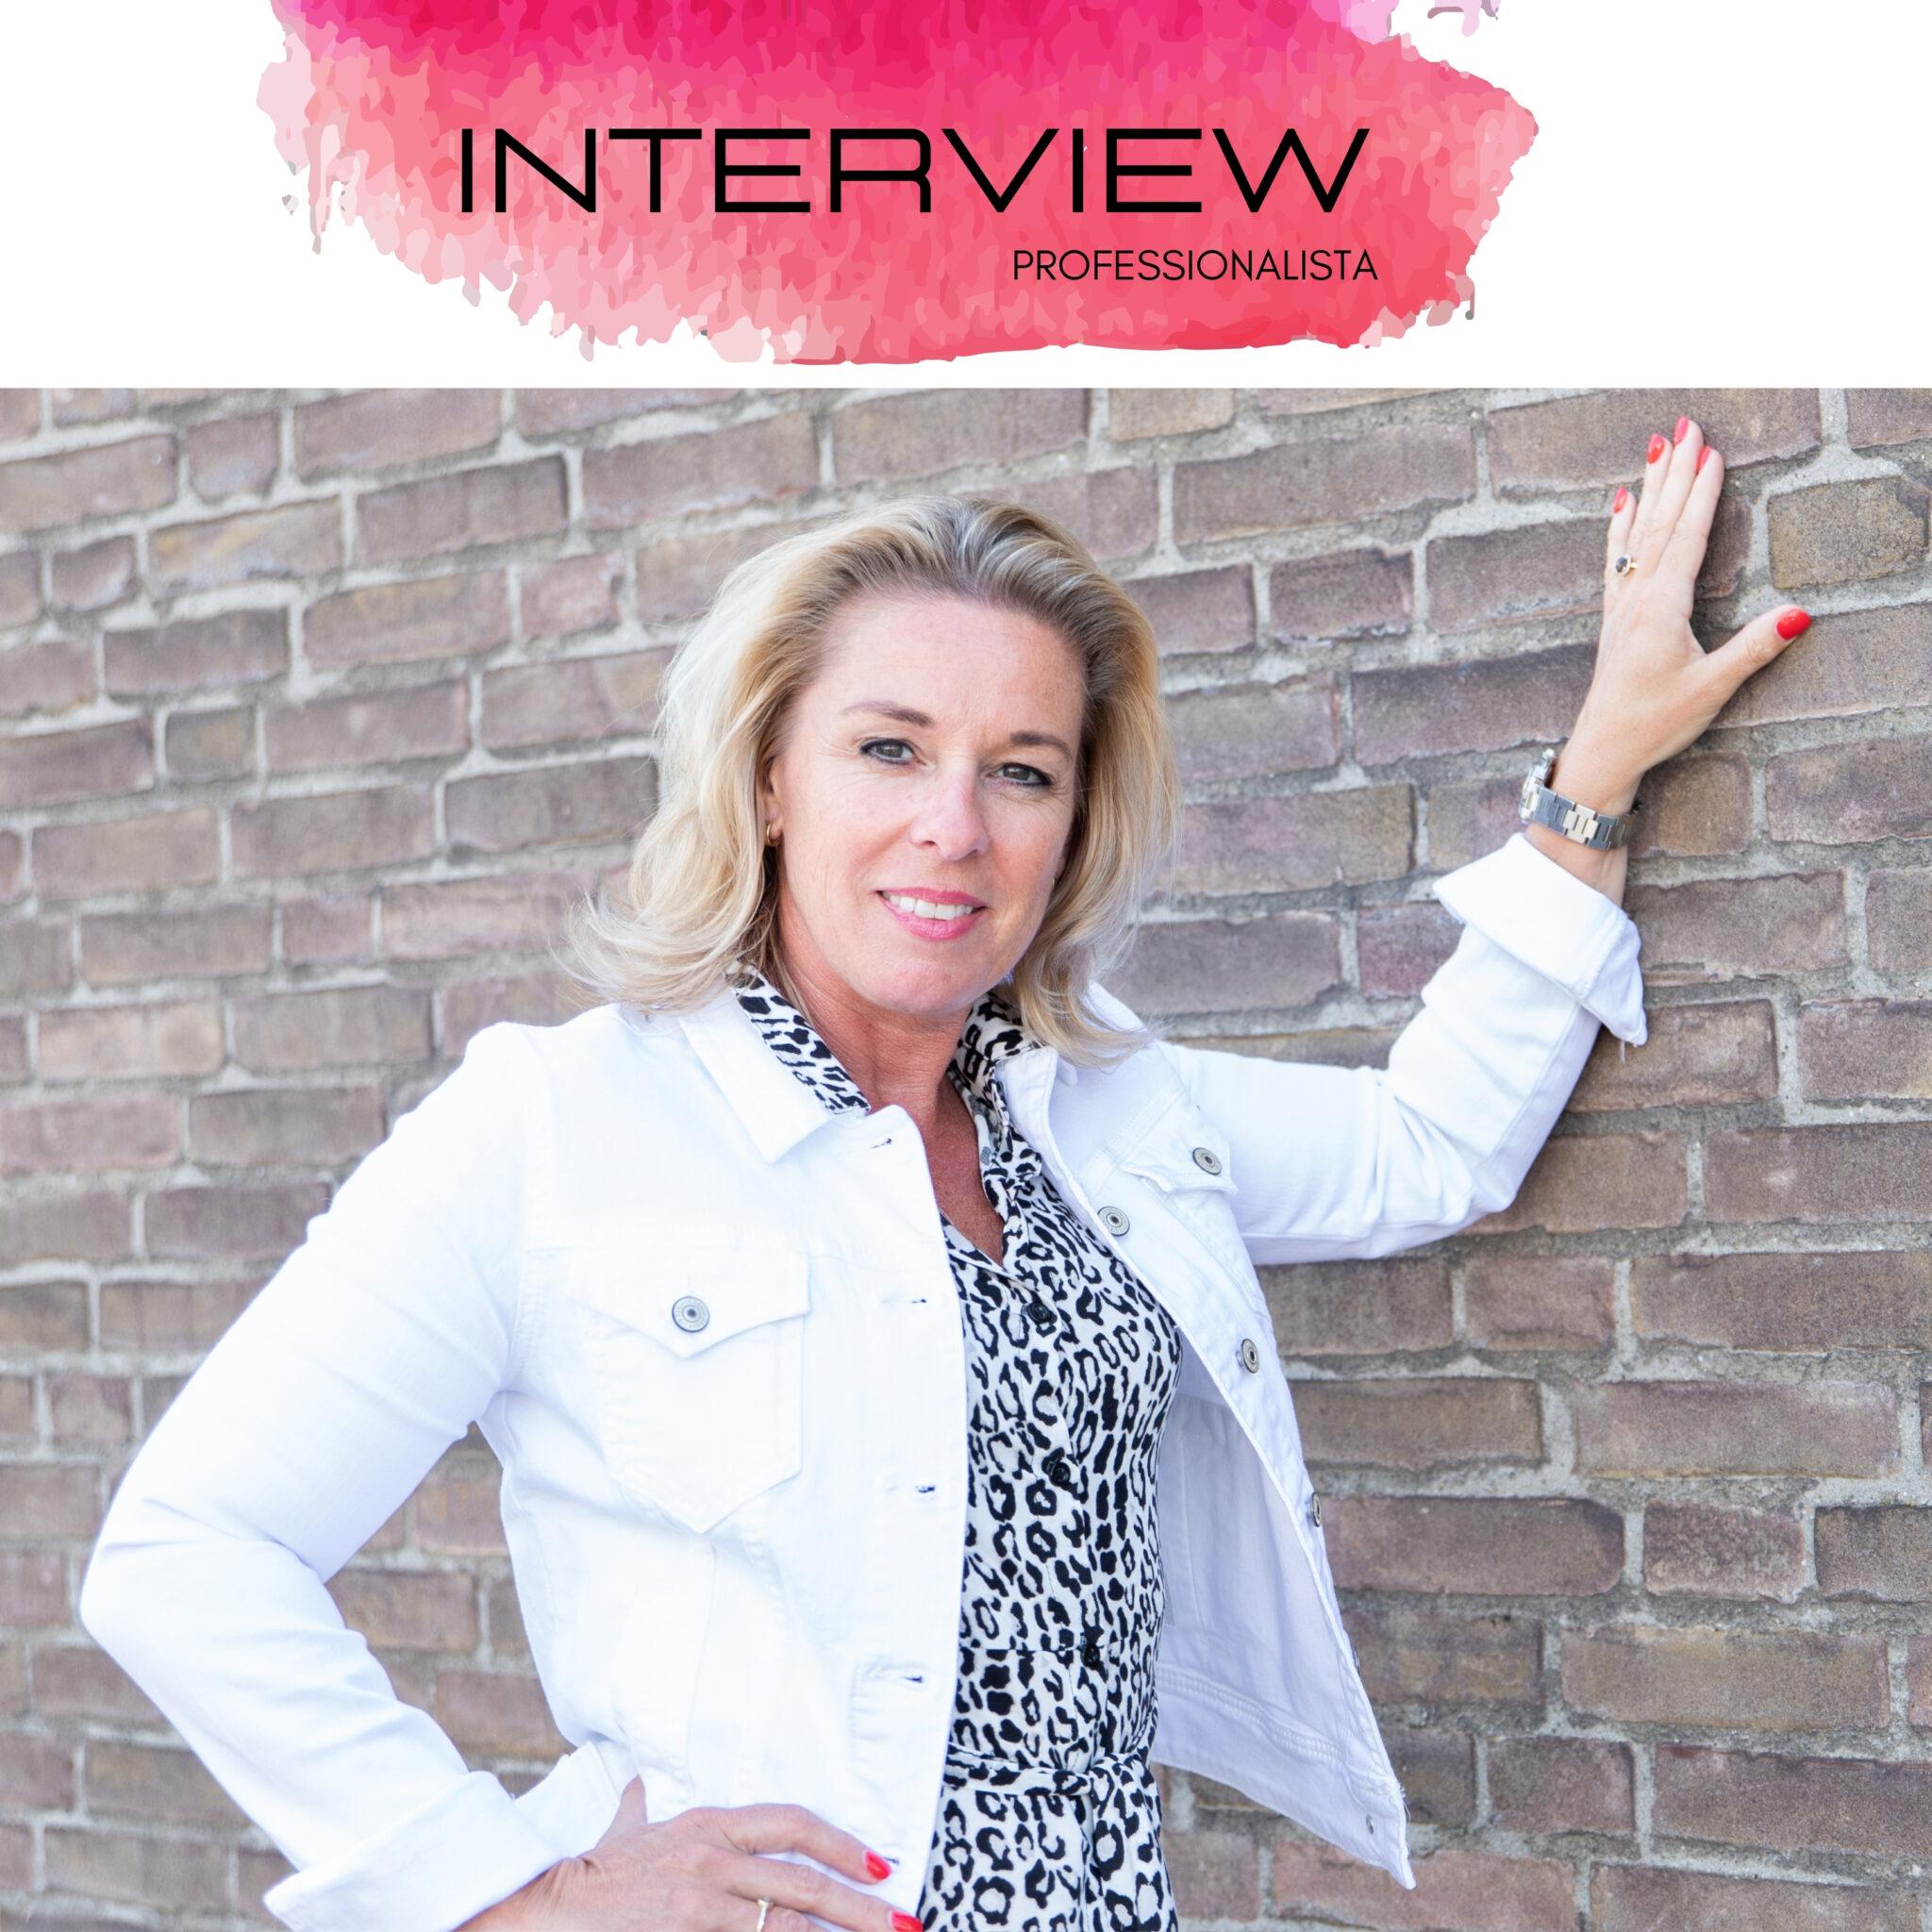 Interview Professionalista Majolie Aarendonk